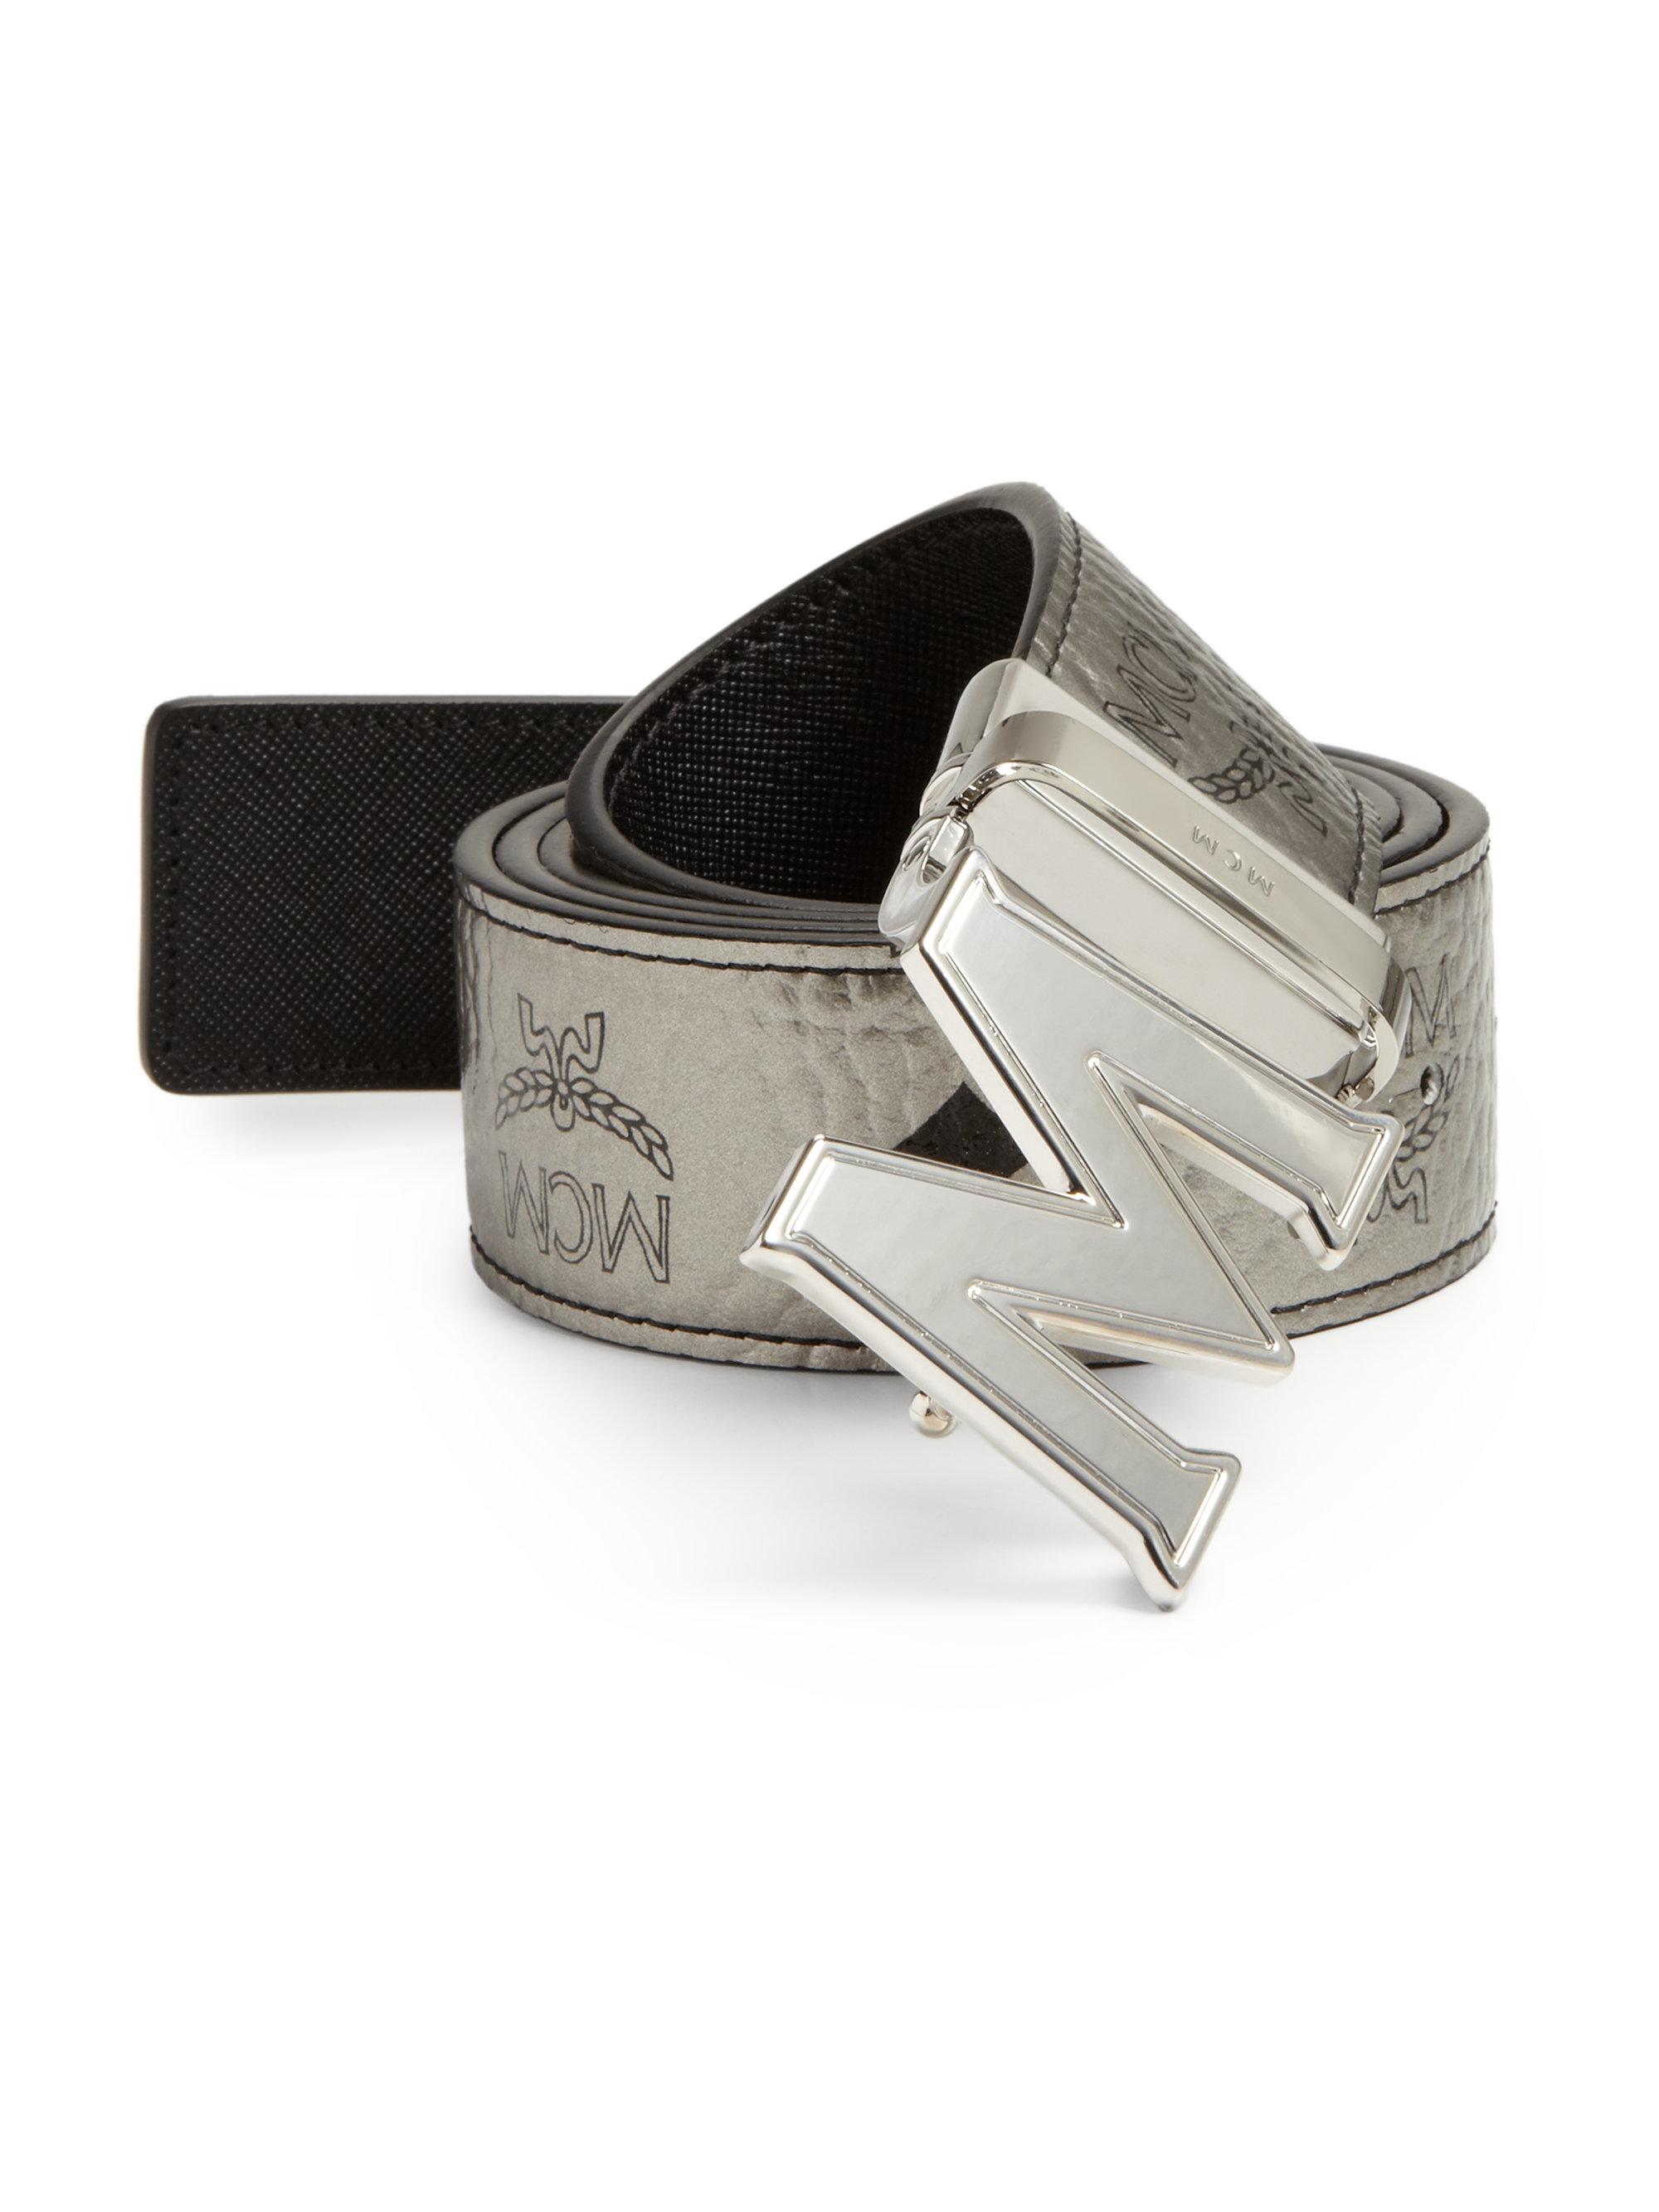 75d267ceade9 Lyst - MCM Claus Reversible Belt in Metallic for Men